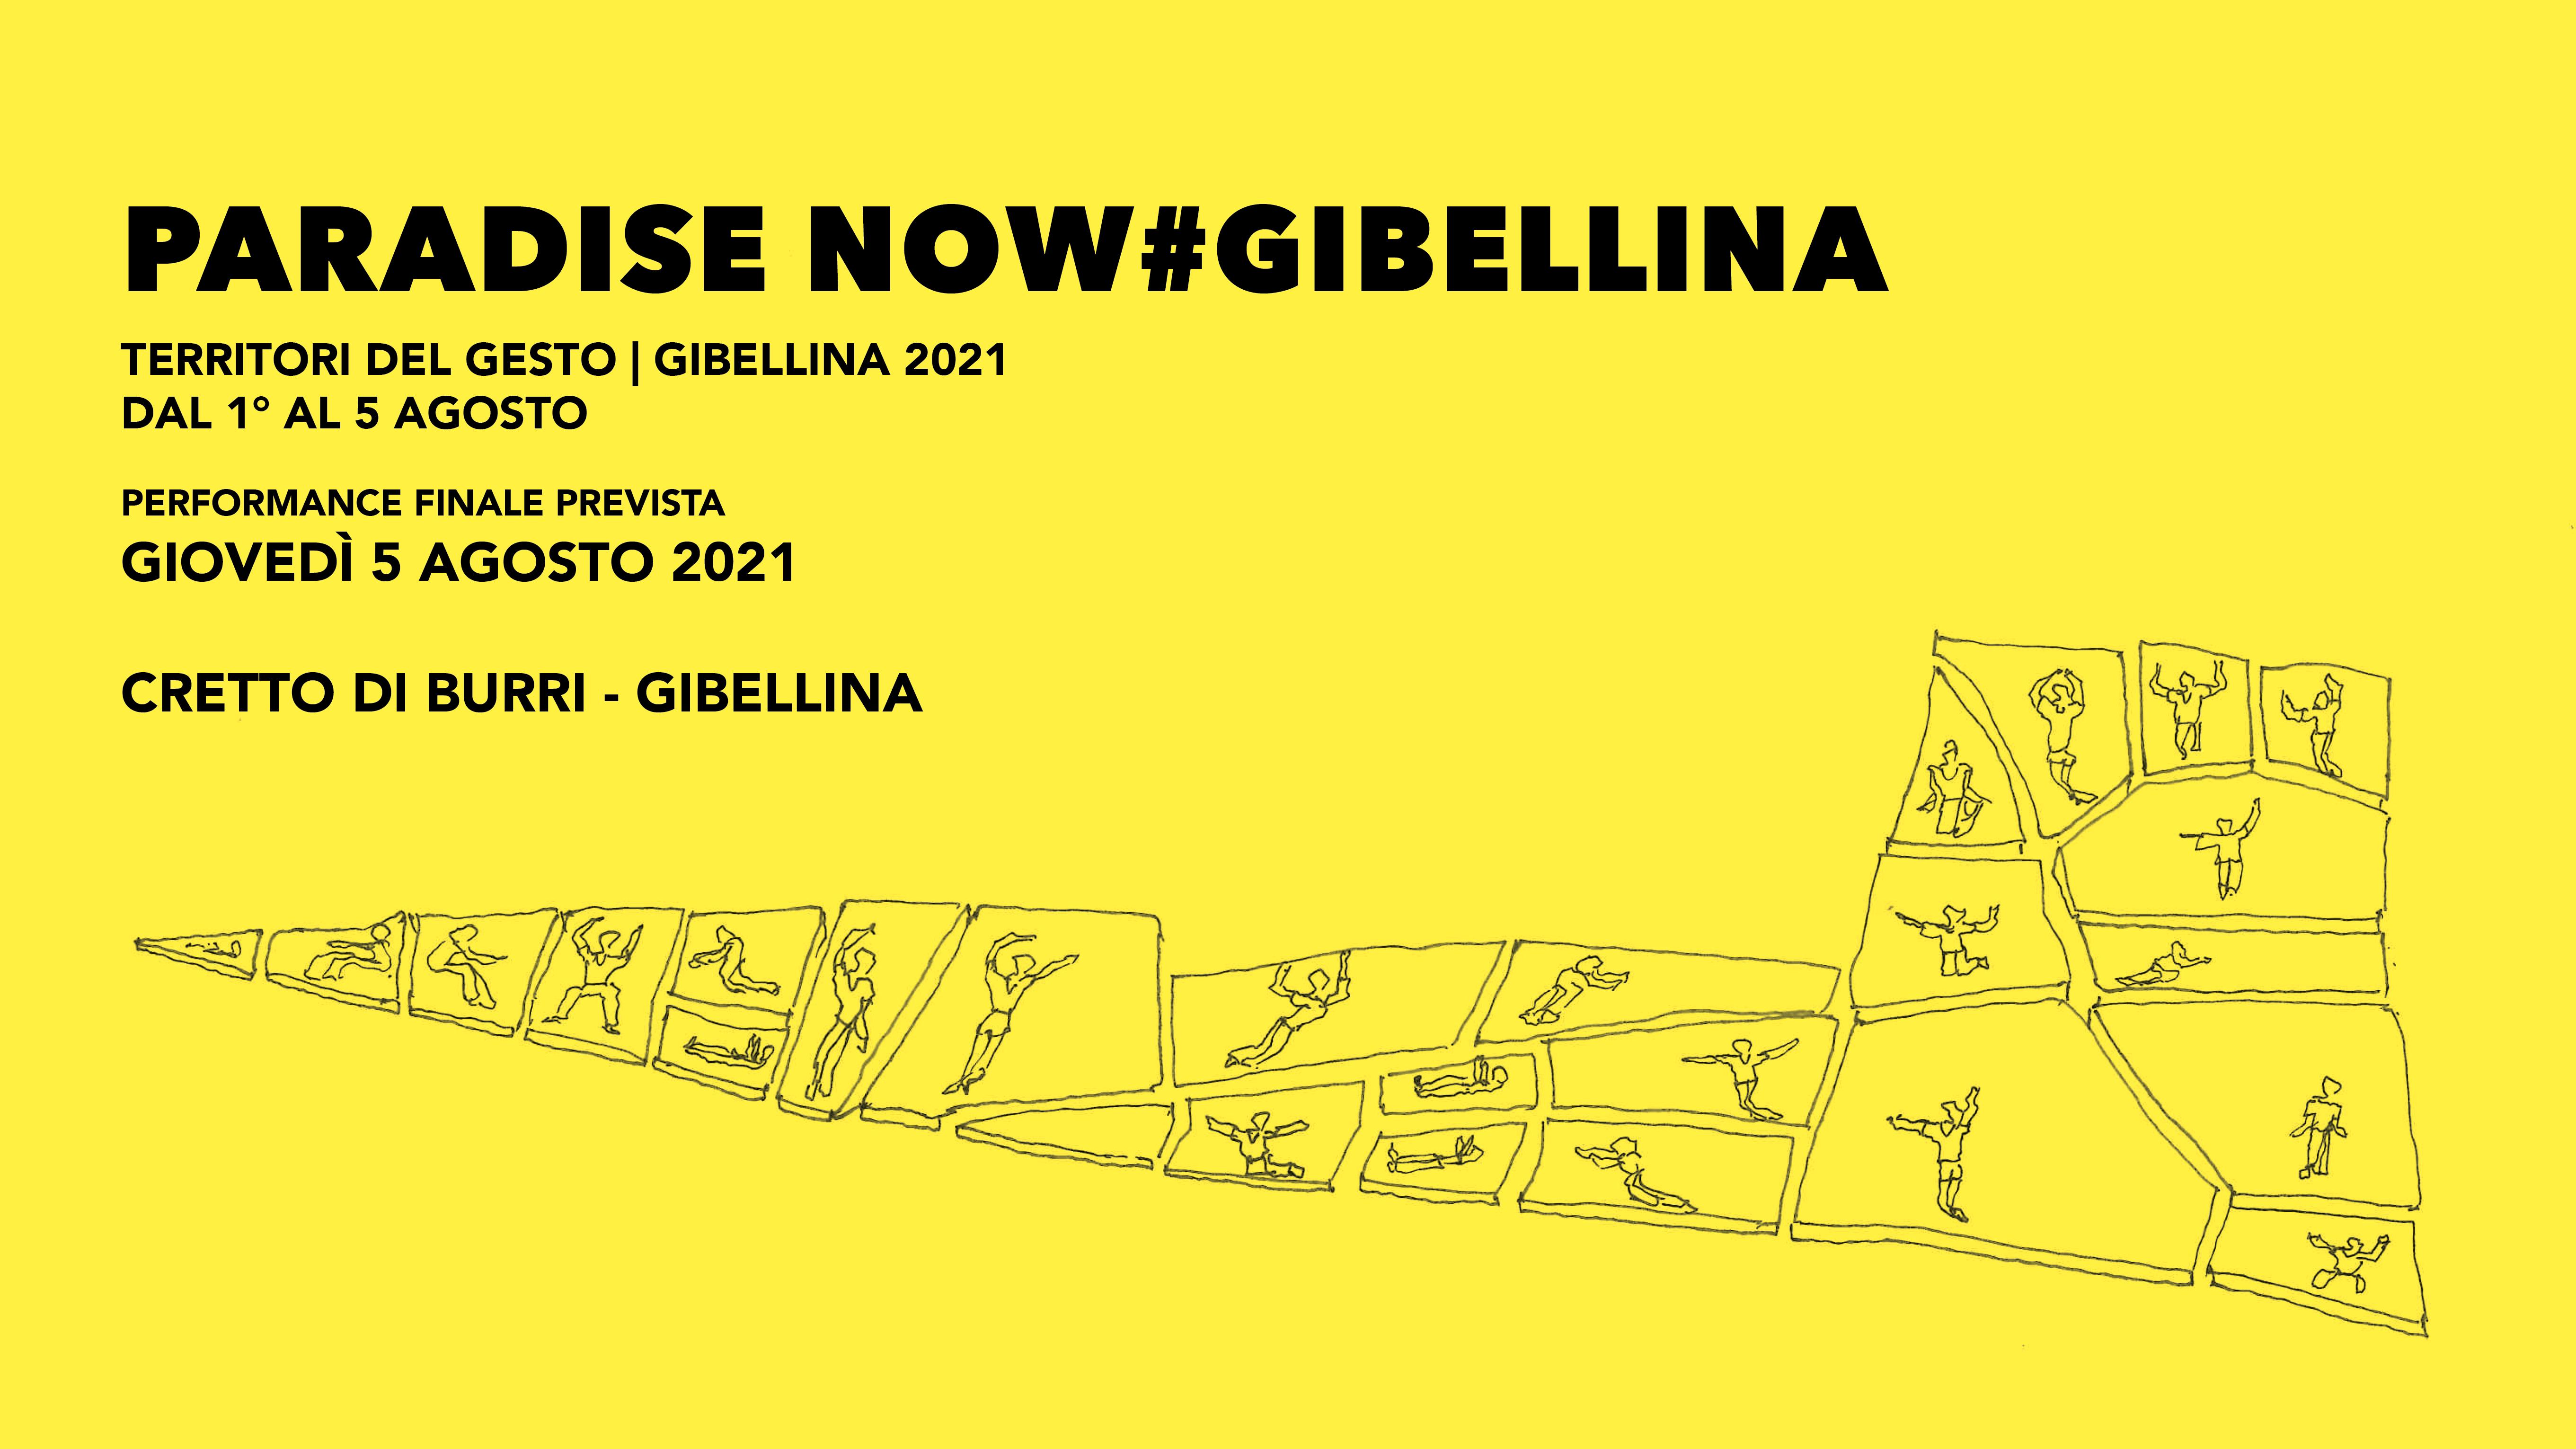 029.014.01 PARADISENOW GIBELLINA-HOME SITO2